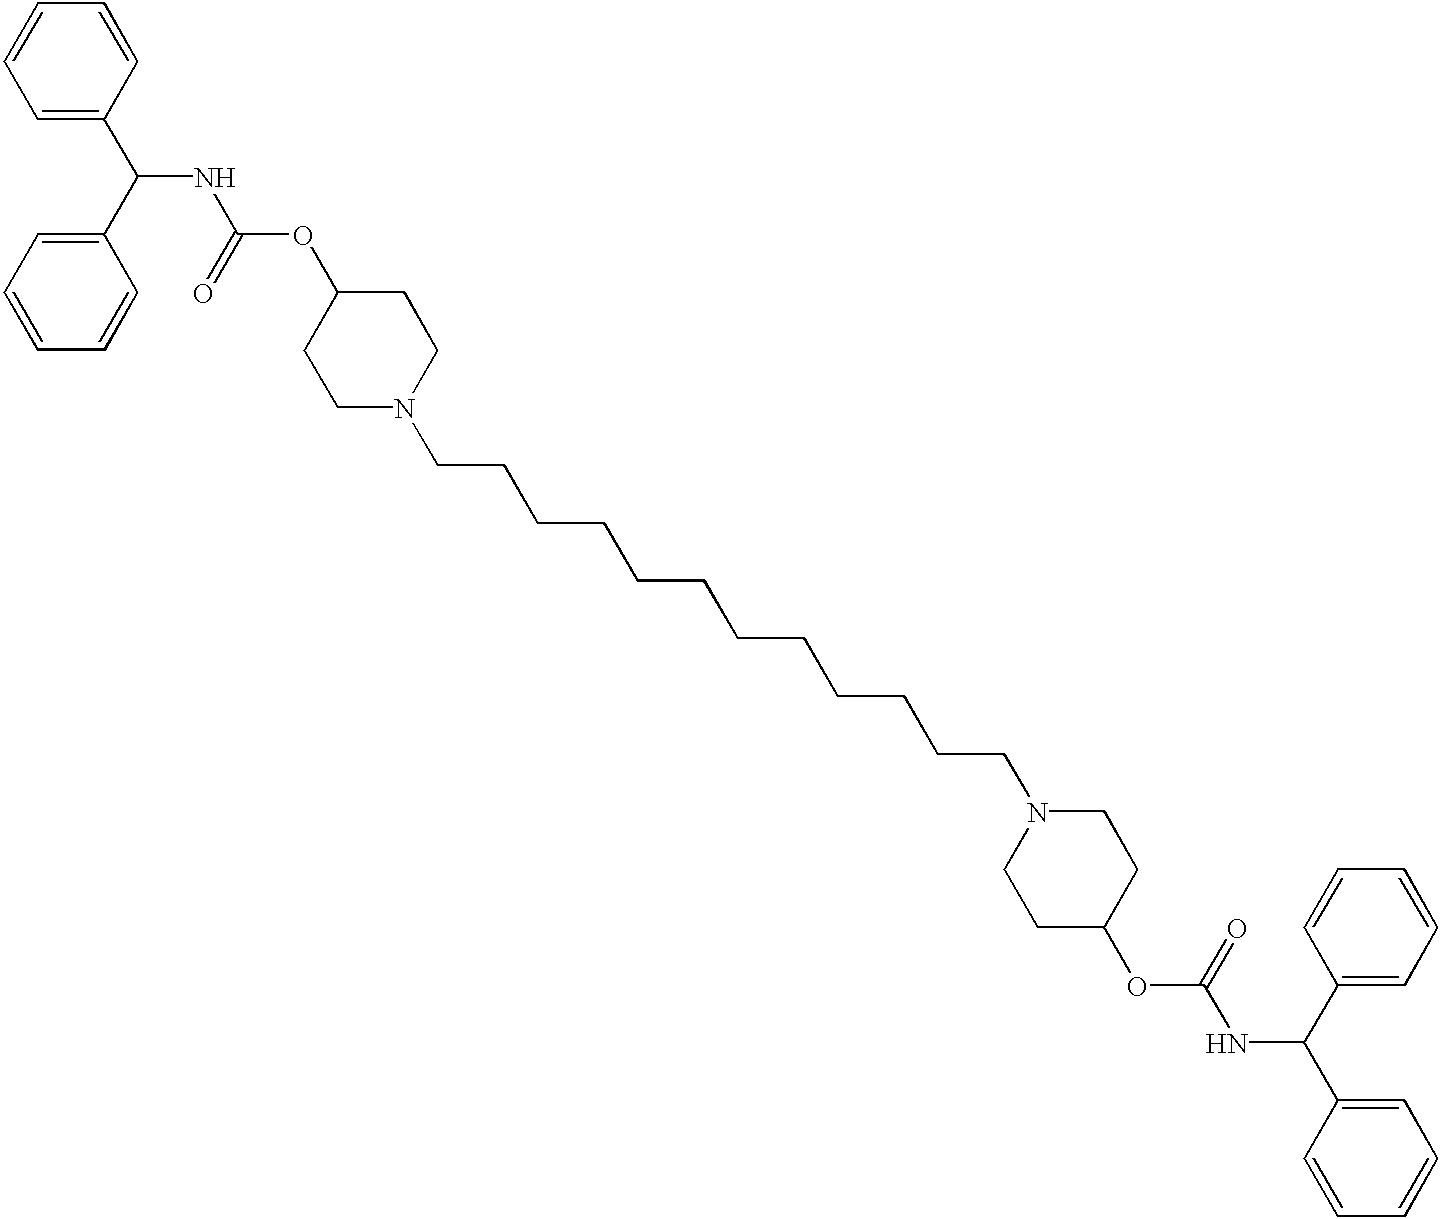 Figure US06693202-20040217-C00600